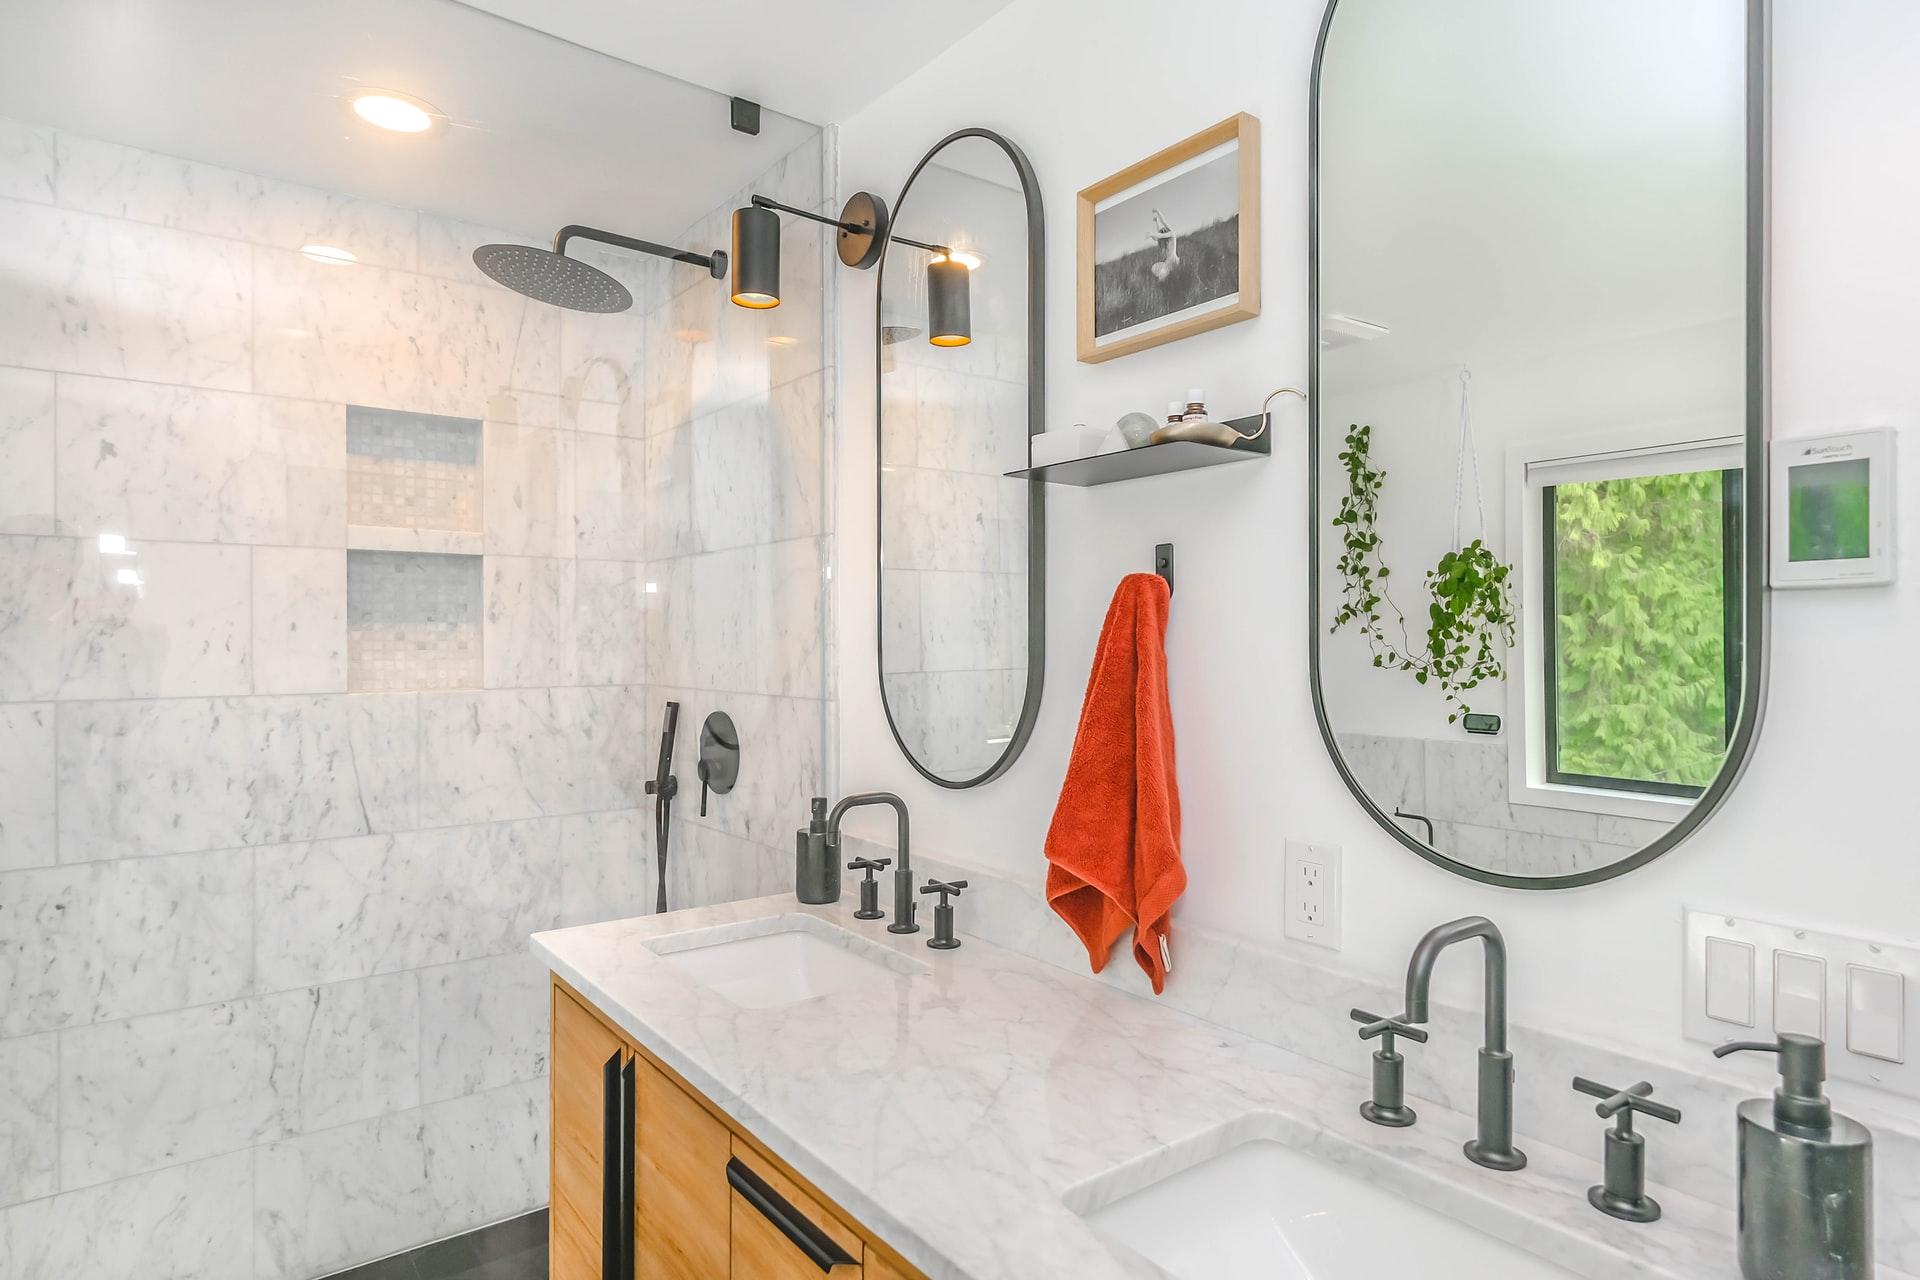 Spiegelheizung im Badezimmer